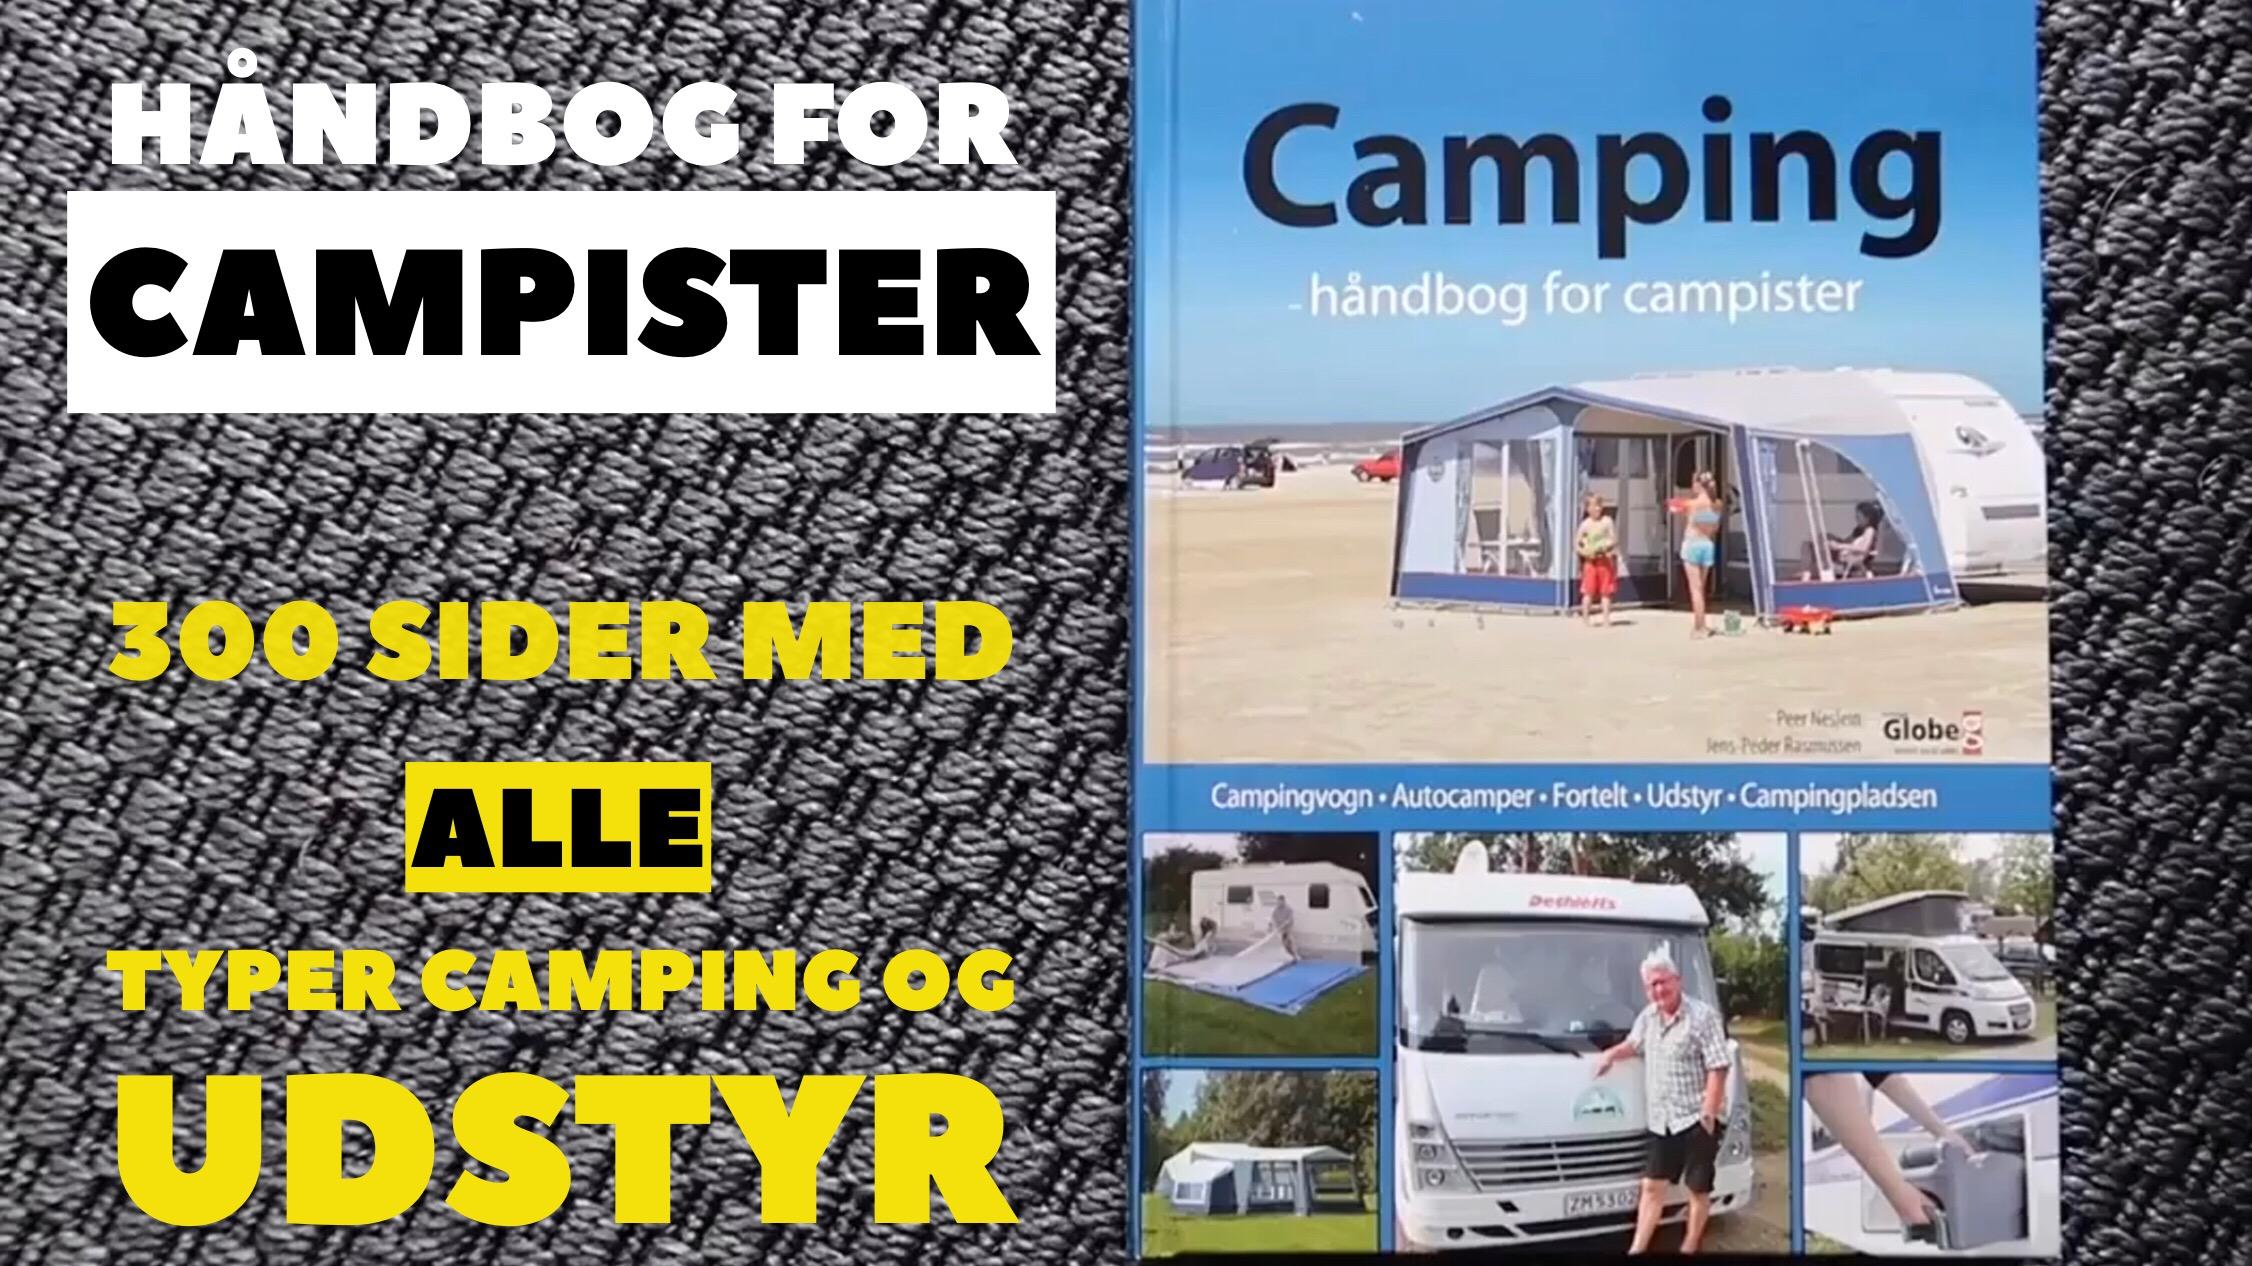 Håndbog for campister - 300 sider informationer og billeder